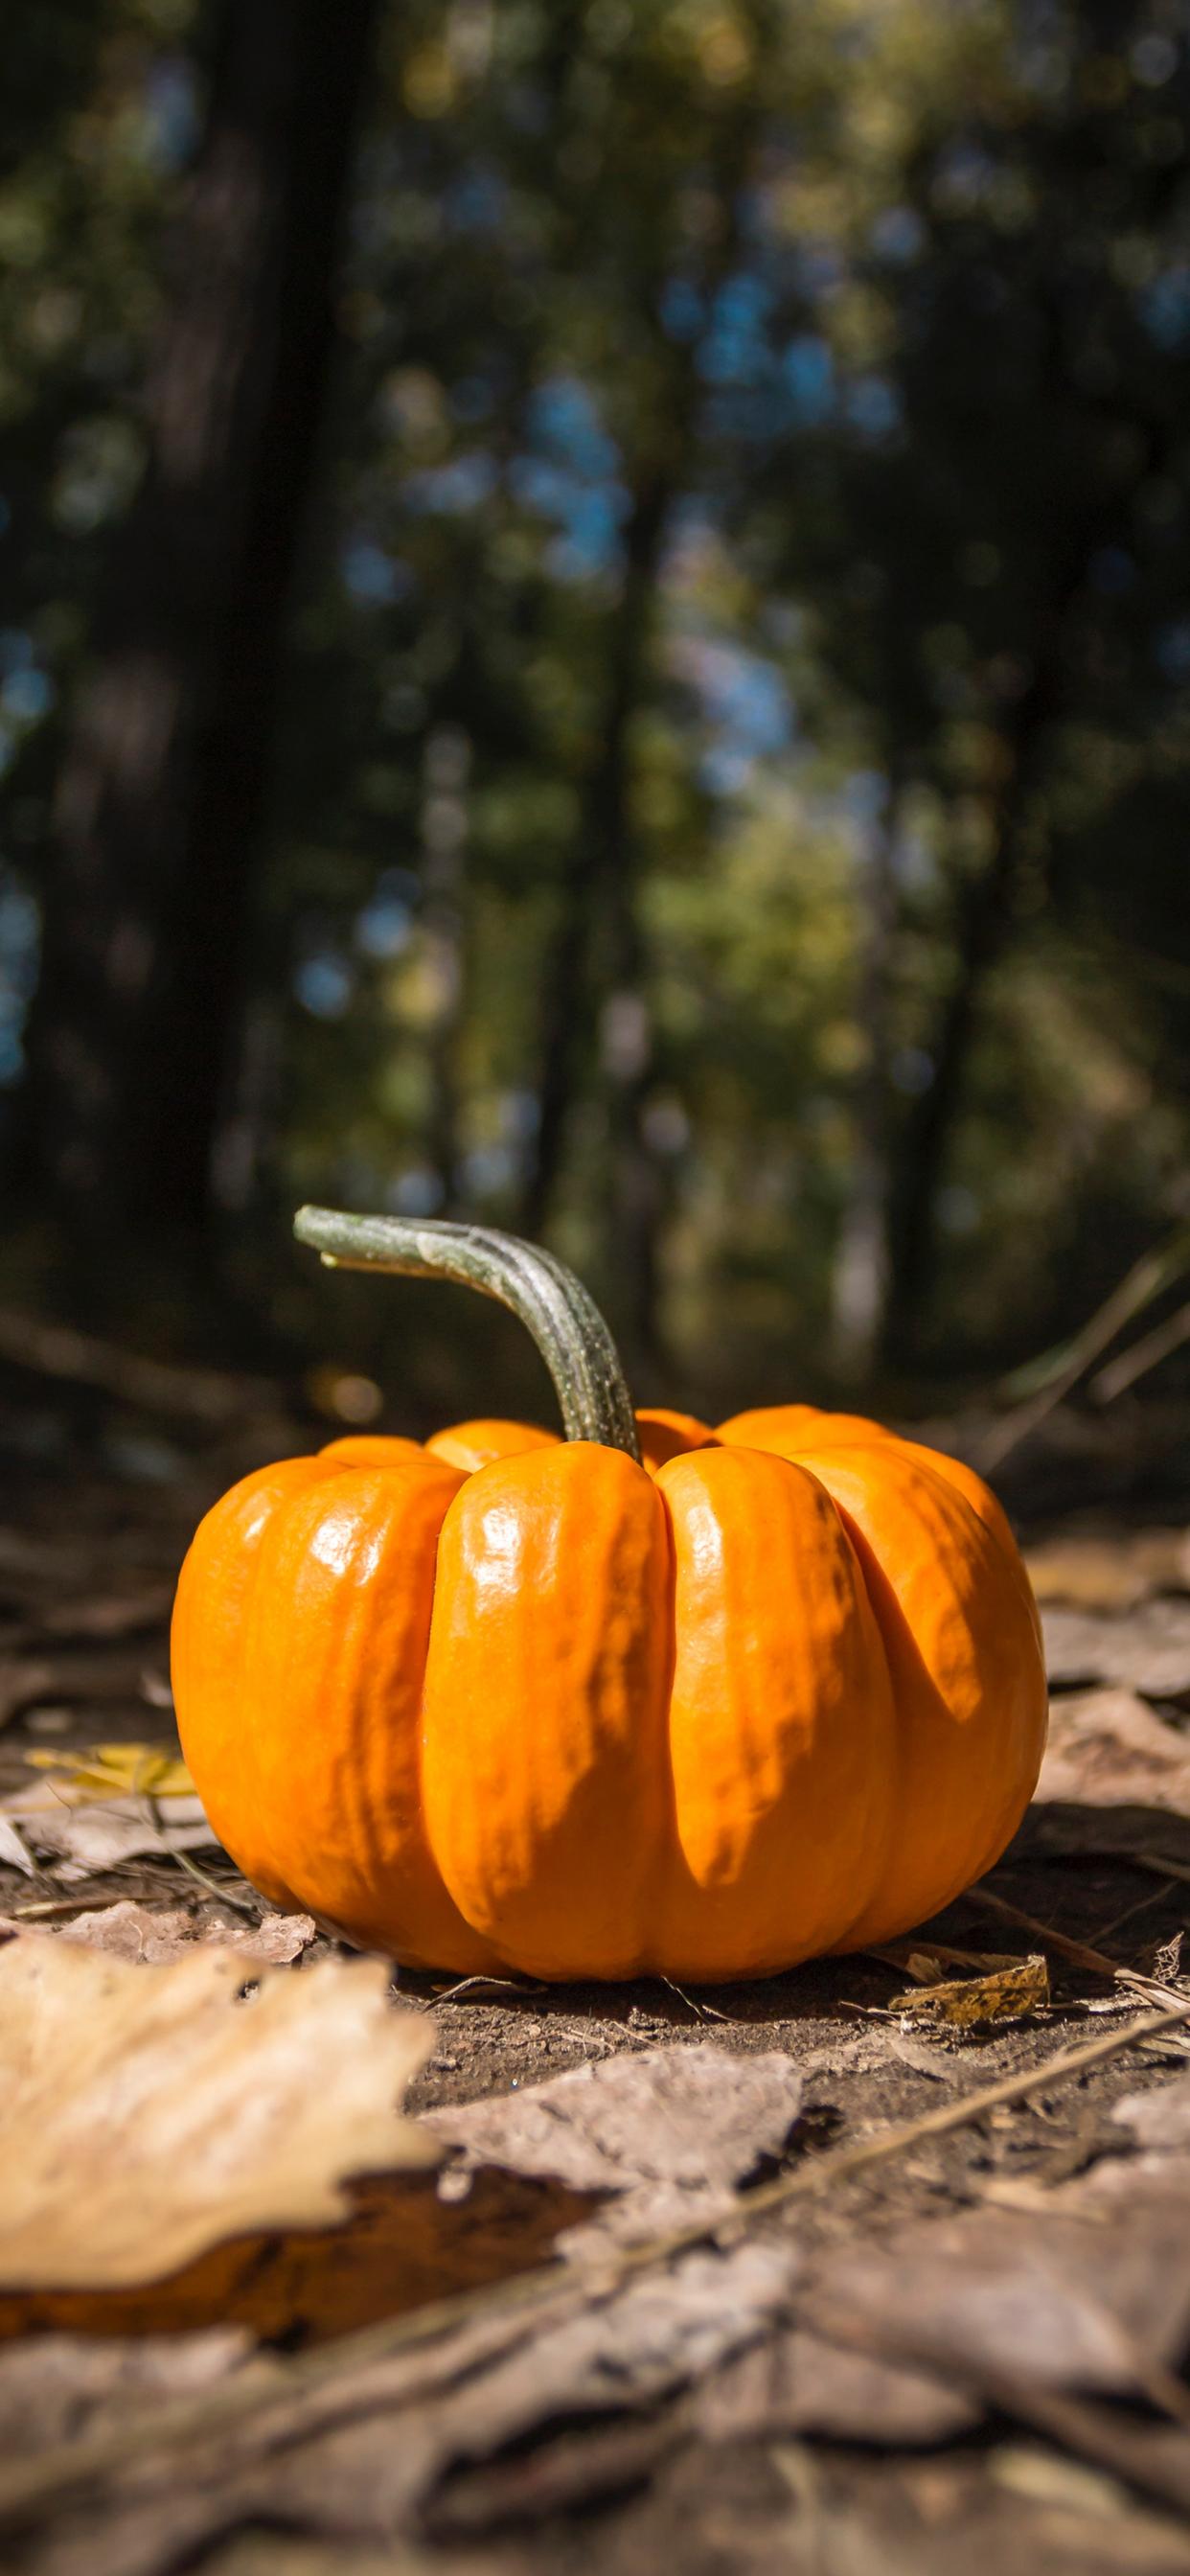 Wallpaper of one pumpkin